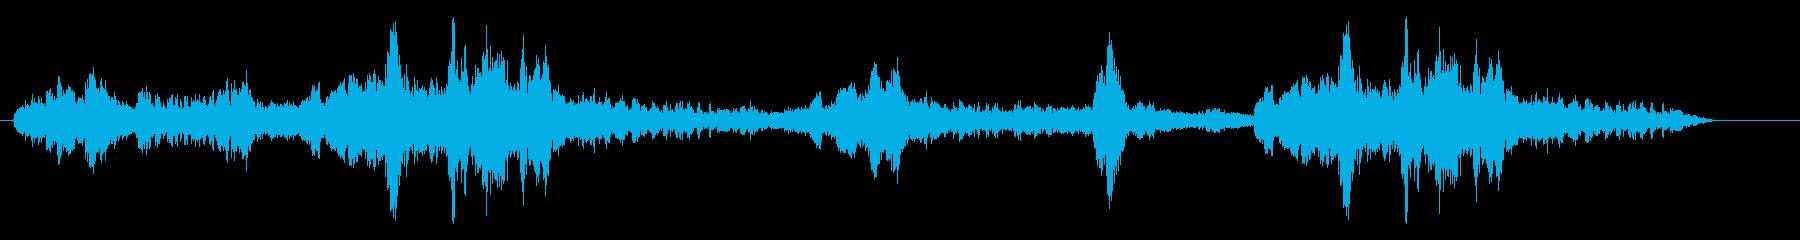 オートレースグランプリ-レーストラ...の再生済みの波形